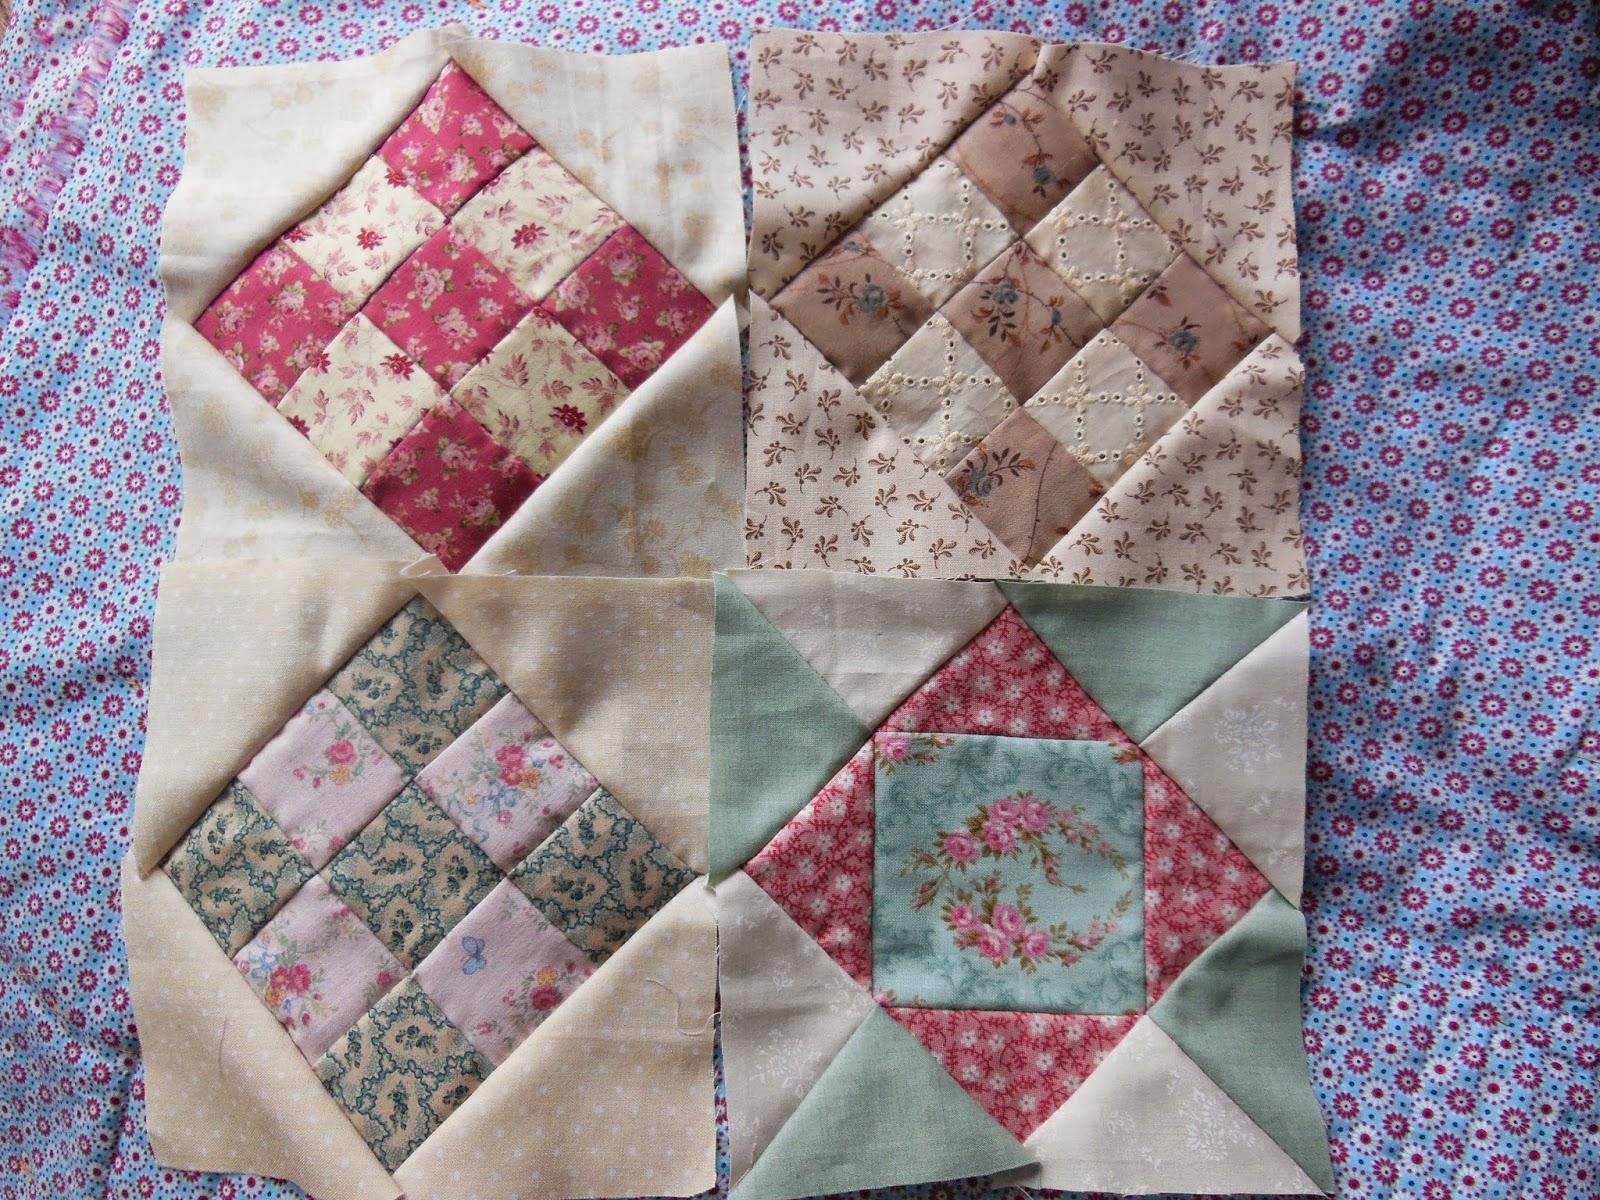 Quiltlia de stonefield en een snelle techniek - Quilts gele ...